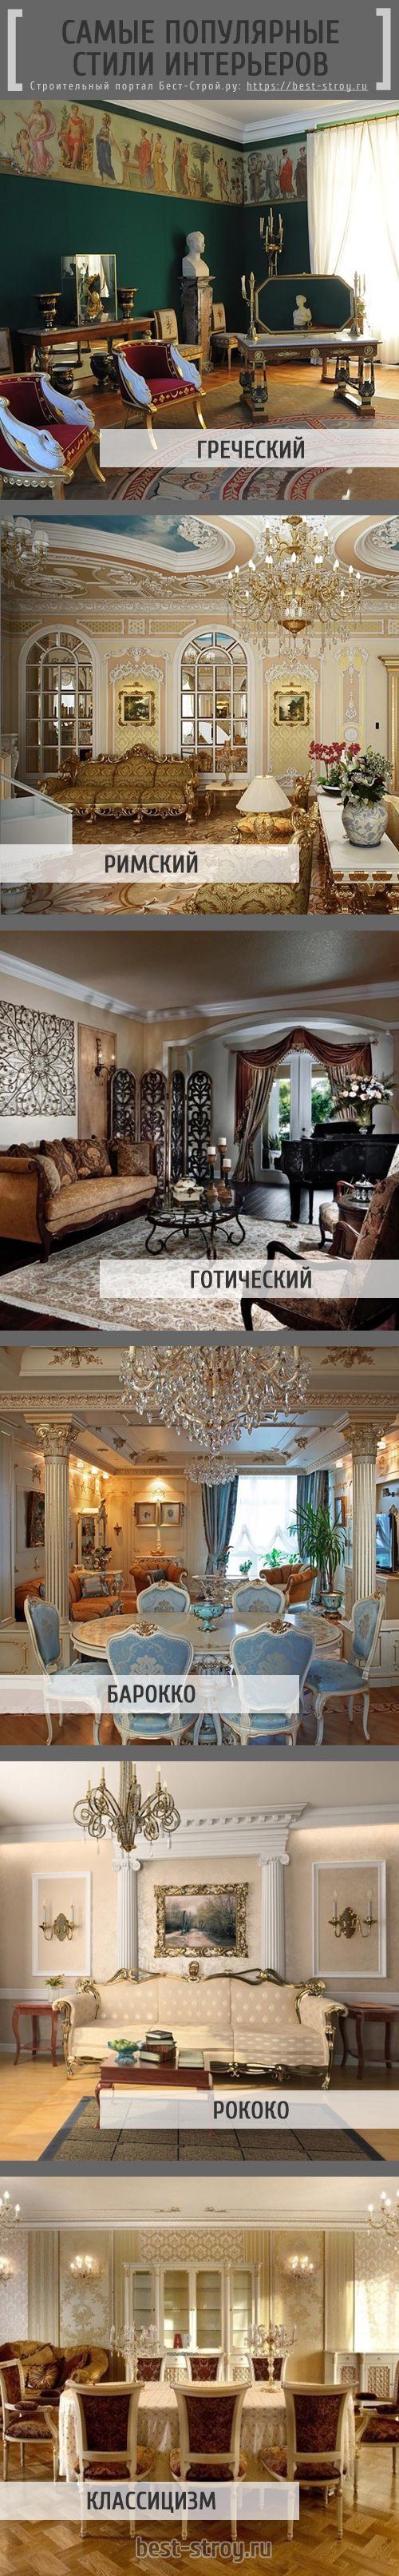 Самые популярные стили интерьеров: греческий, римский, готический, барокко, рококо и классицизм.